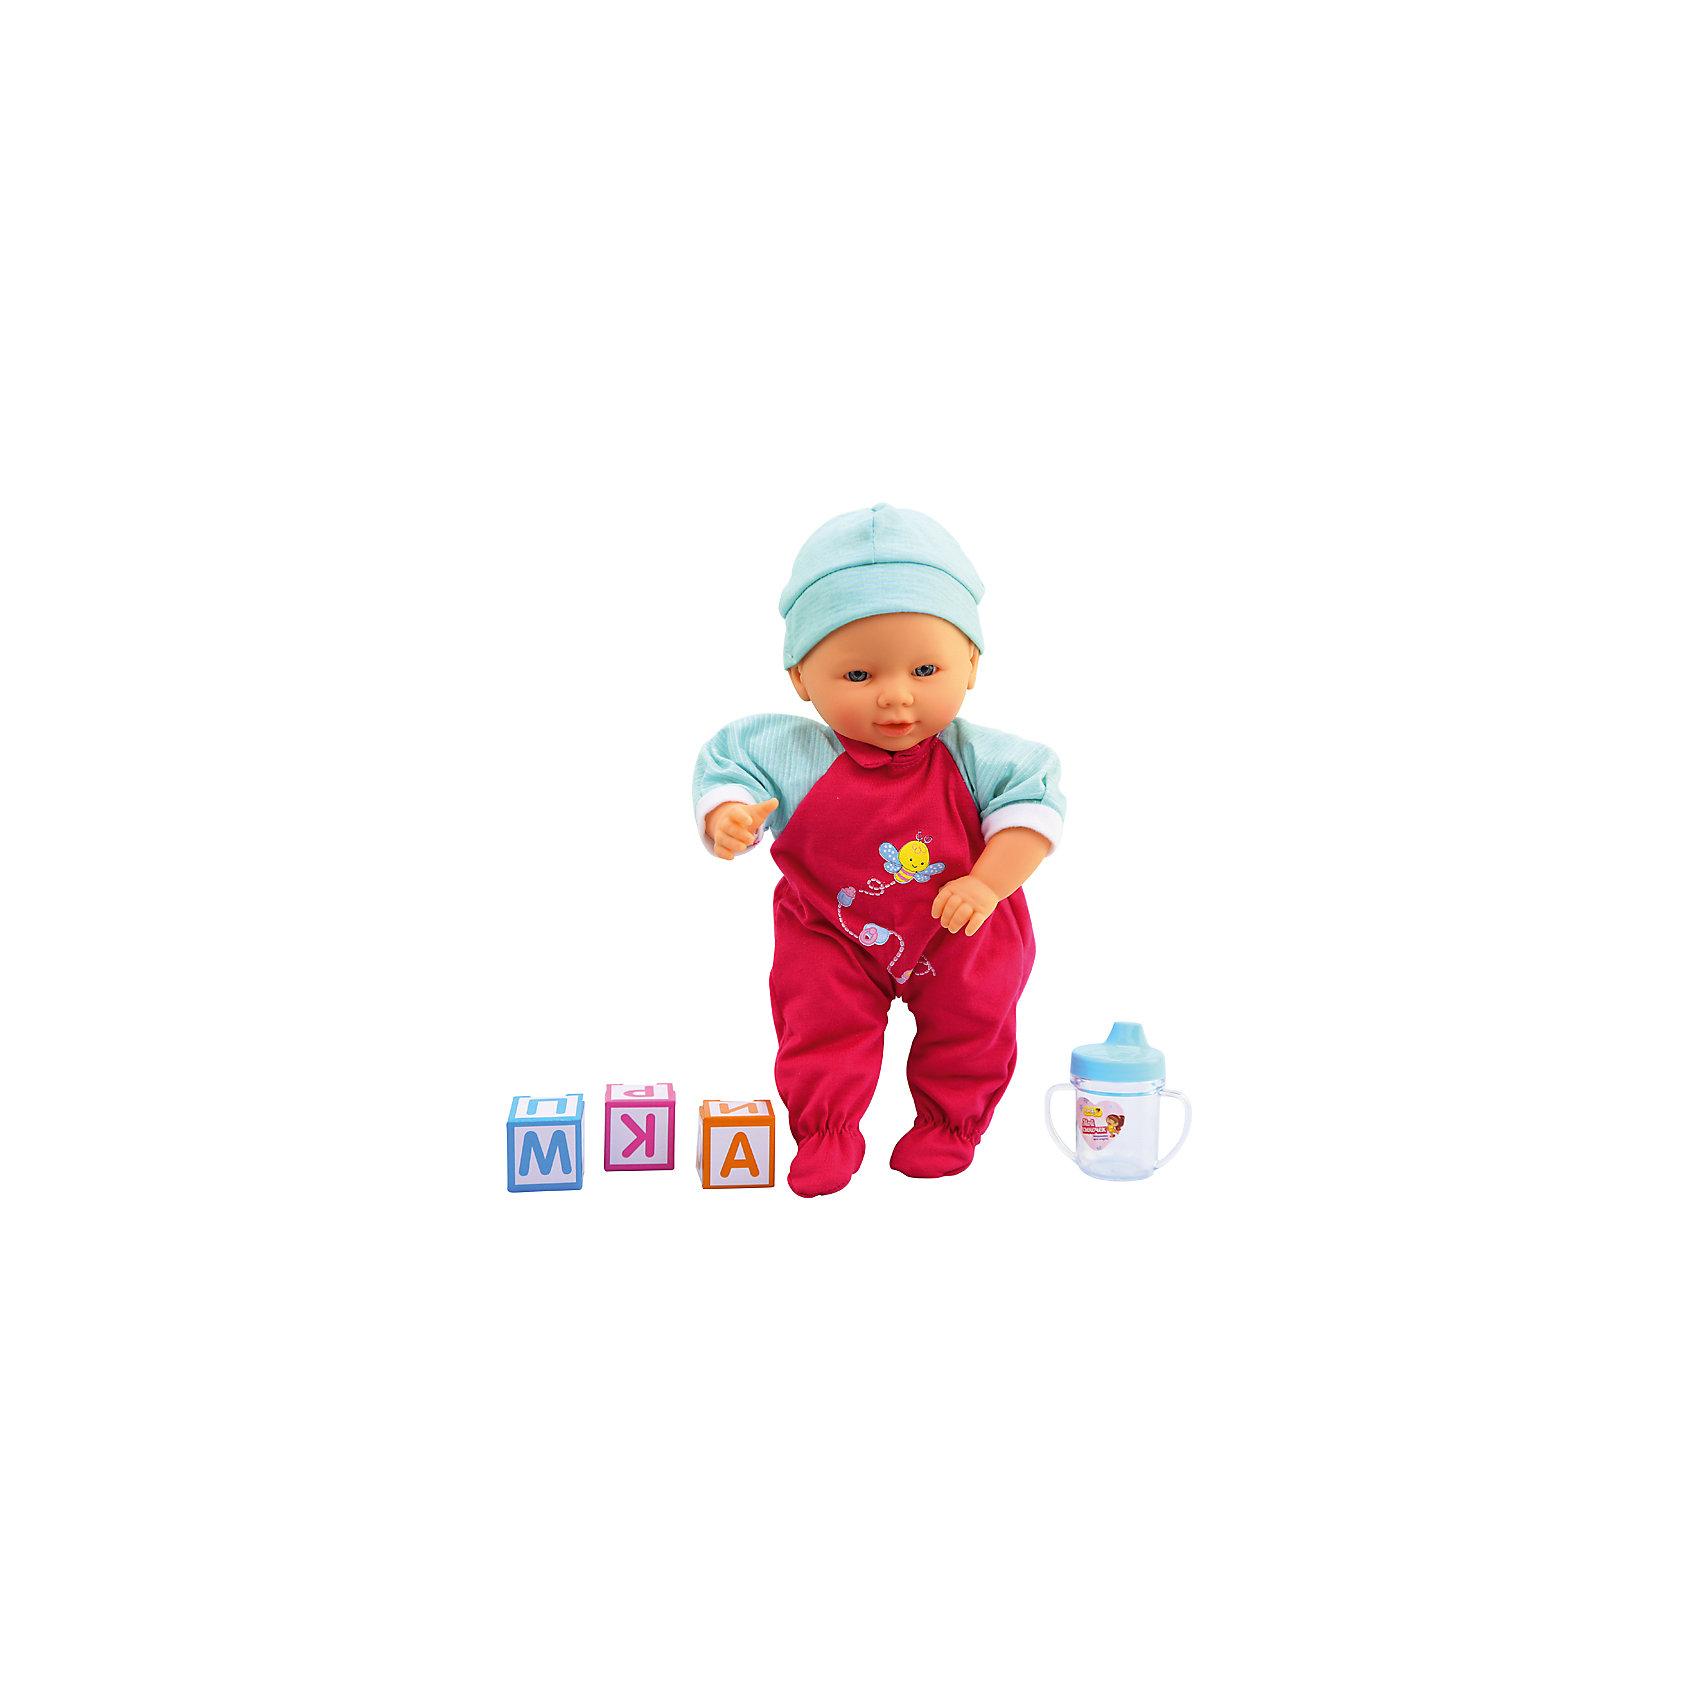 Интерактивная кукла-младенец Мой сыночек, 35,5 см, DollyToyИнтерактивные куклы<br>Характеристики товара:<br><br>• возраст от 3 лет;<br>• материал: пластик, текстиль;<br>• в комплекте: кукла, аксессуары;<br>• высота куклы 35,5 см;<br>• размер упаковки 37х26х13,5 см;<br>• вес упаковки 800 гр.;<br>• страна производитель: Китай.<br><br>Интерактивная кукла-младенец «Мой сыночек» DollyToy привьет девочке чувство заботы, любви, ответственности. Кукла умеет разговаривать, смеяться, плакать, двигаться, говорить «мама» и «папа». В наборе имеется бутылочка, чтобы покормить малыша, когда он захочет кушать.<br><br>Интерактивную куклу-младенец «Мой сыночек» DollyToy можно приобрести в нашем интернет-магазине.<br><br>Ширина мм: 260<br>Глубина мм: 135<br>Высота мм: 370<br>Вес г: 800<br>Возраст от месяцев: 36<br>Возраст до месяцев: 72<br>Пол: Женский<br>Возраст: Детский<br>SKU: 5581283